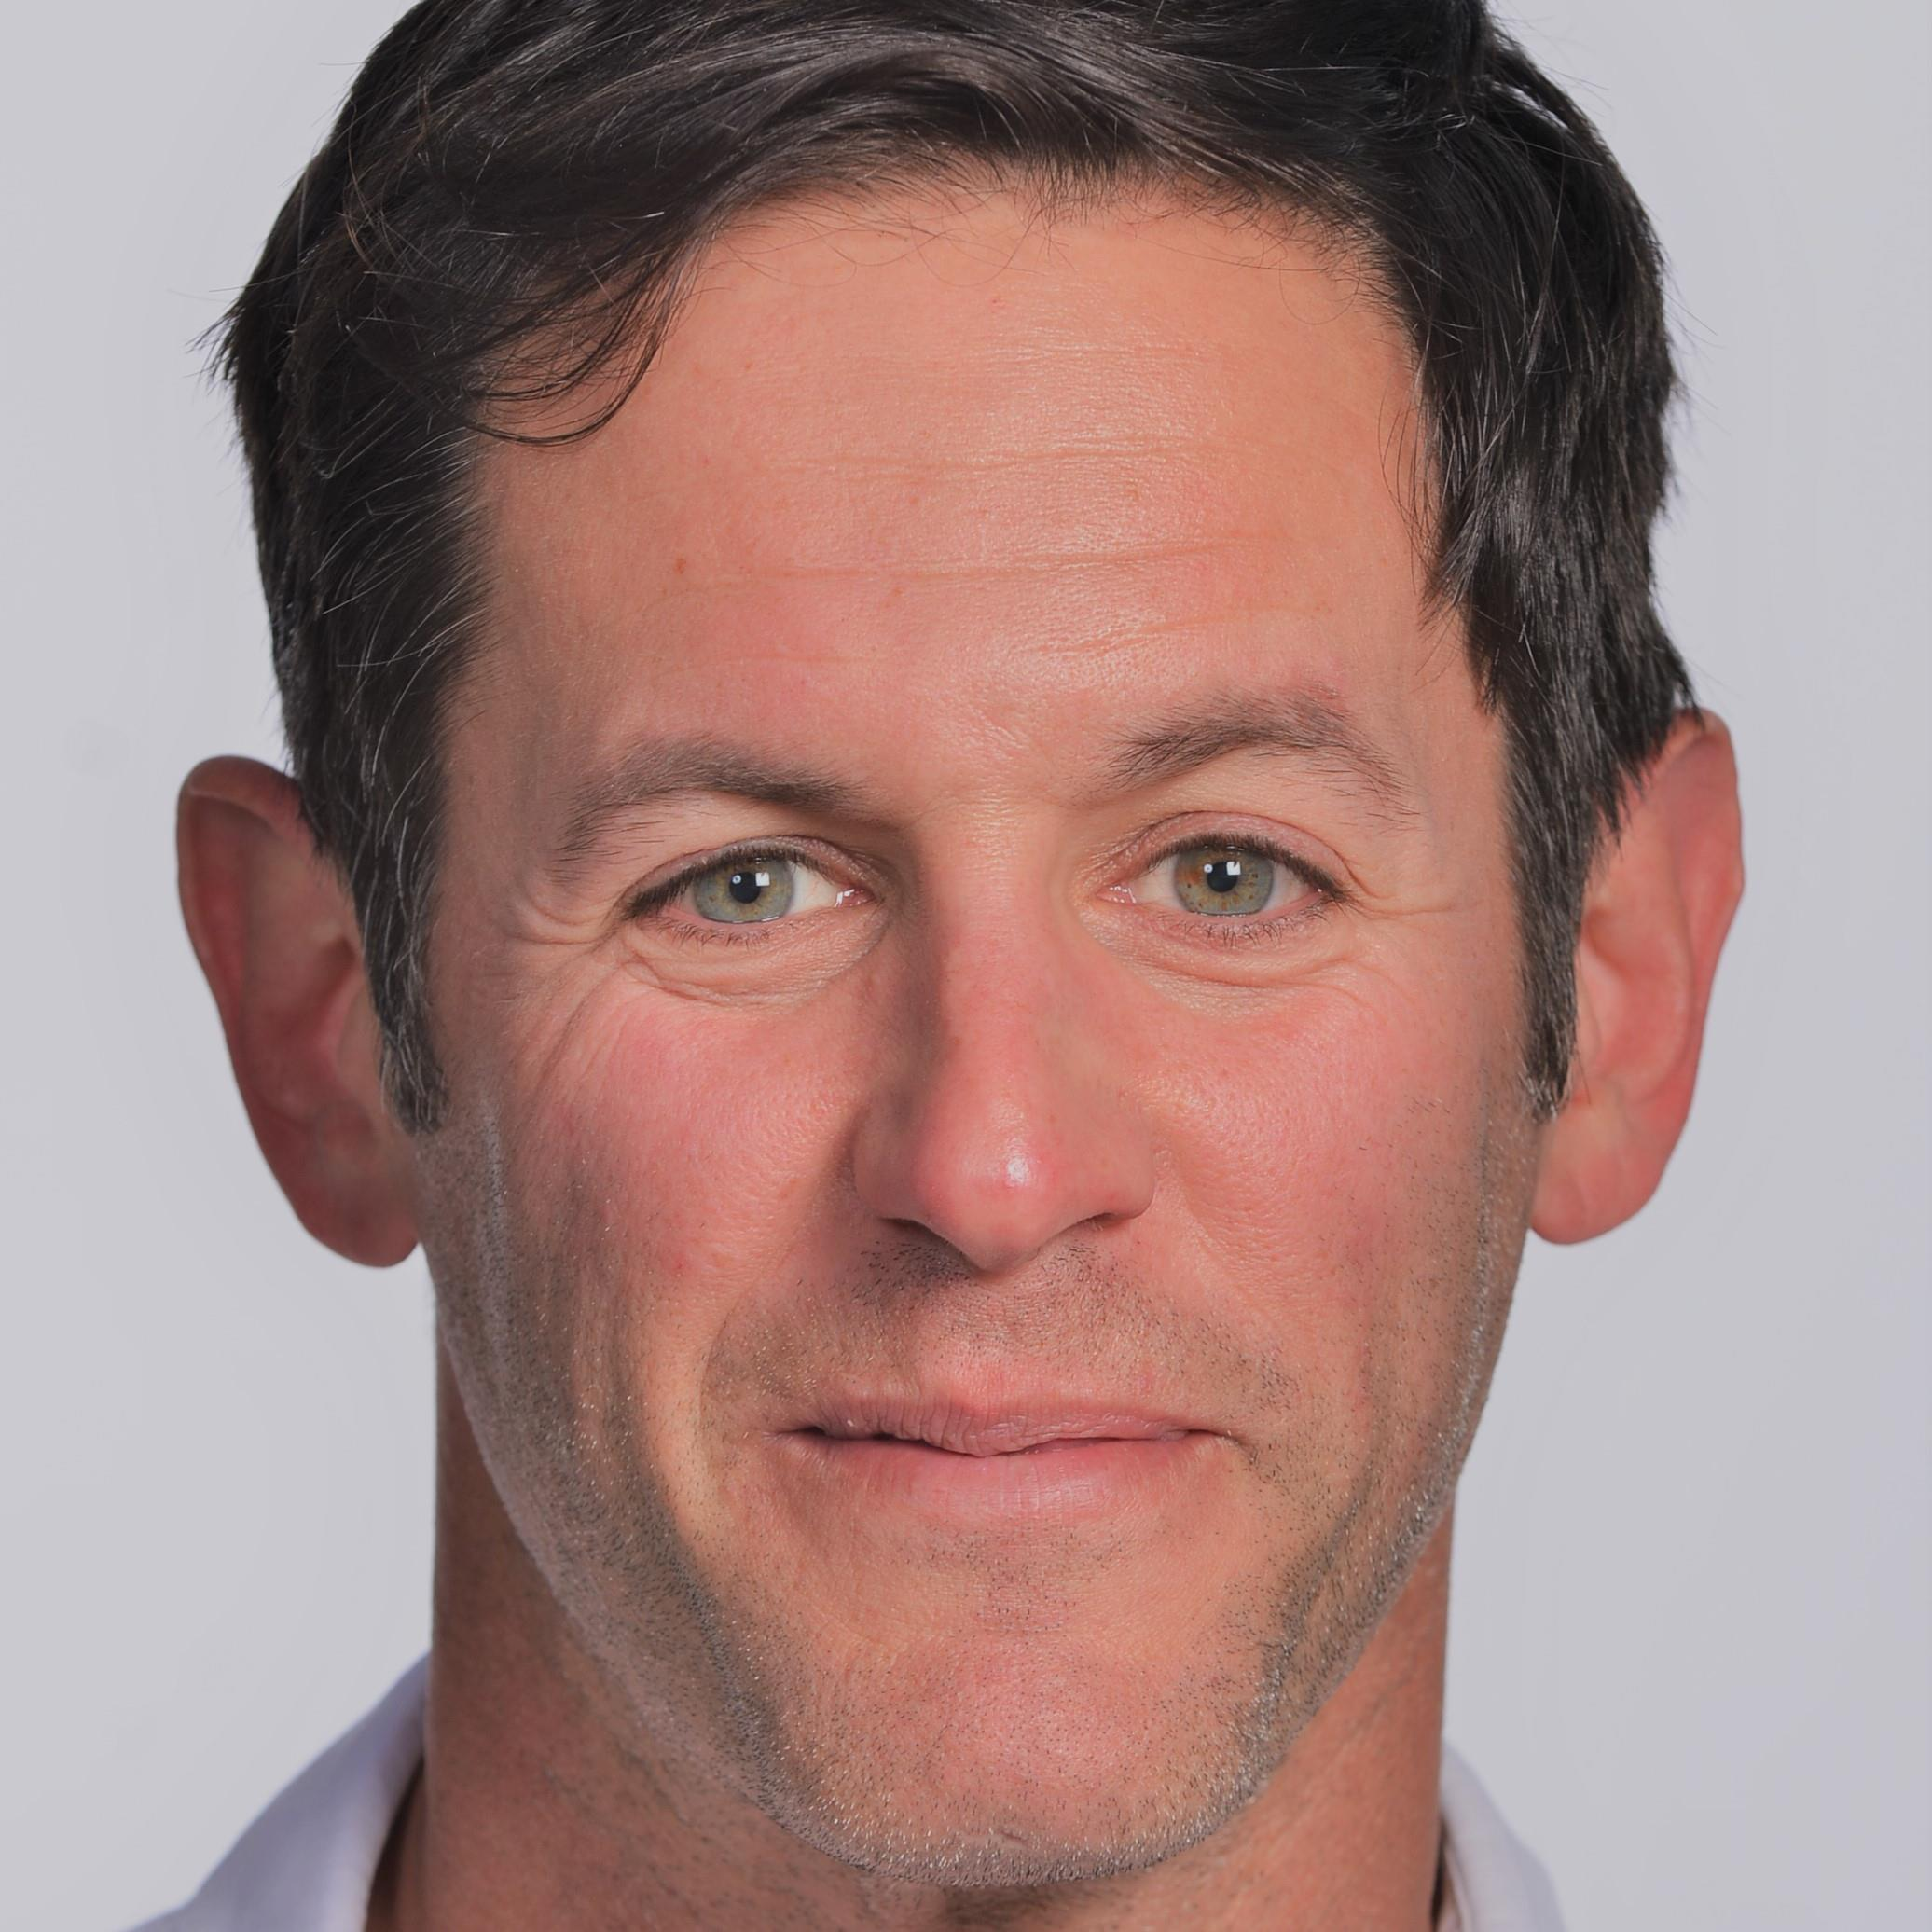 Scott Bricker Headshot.jpg